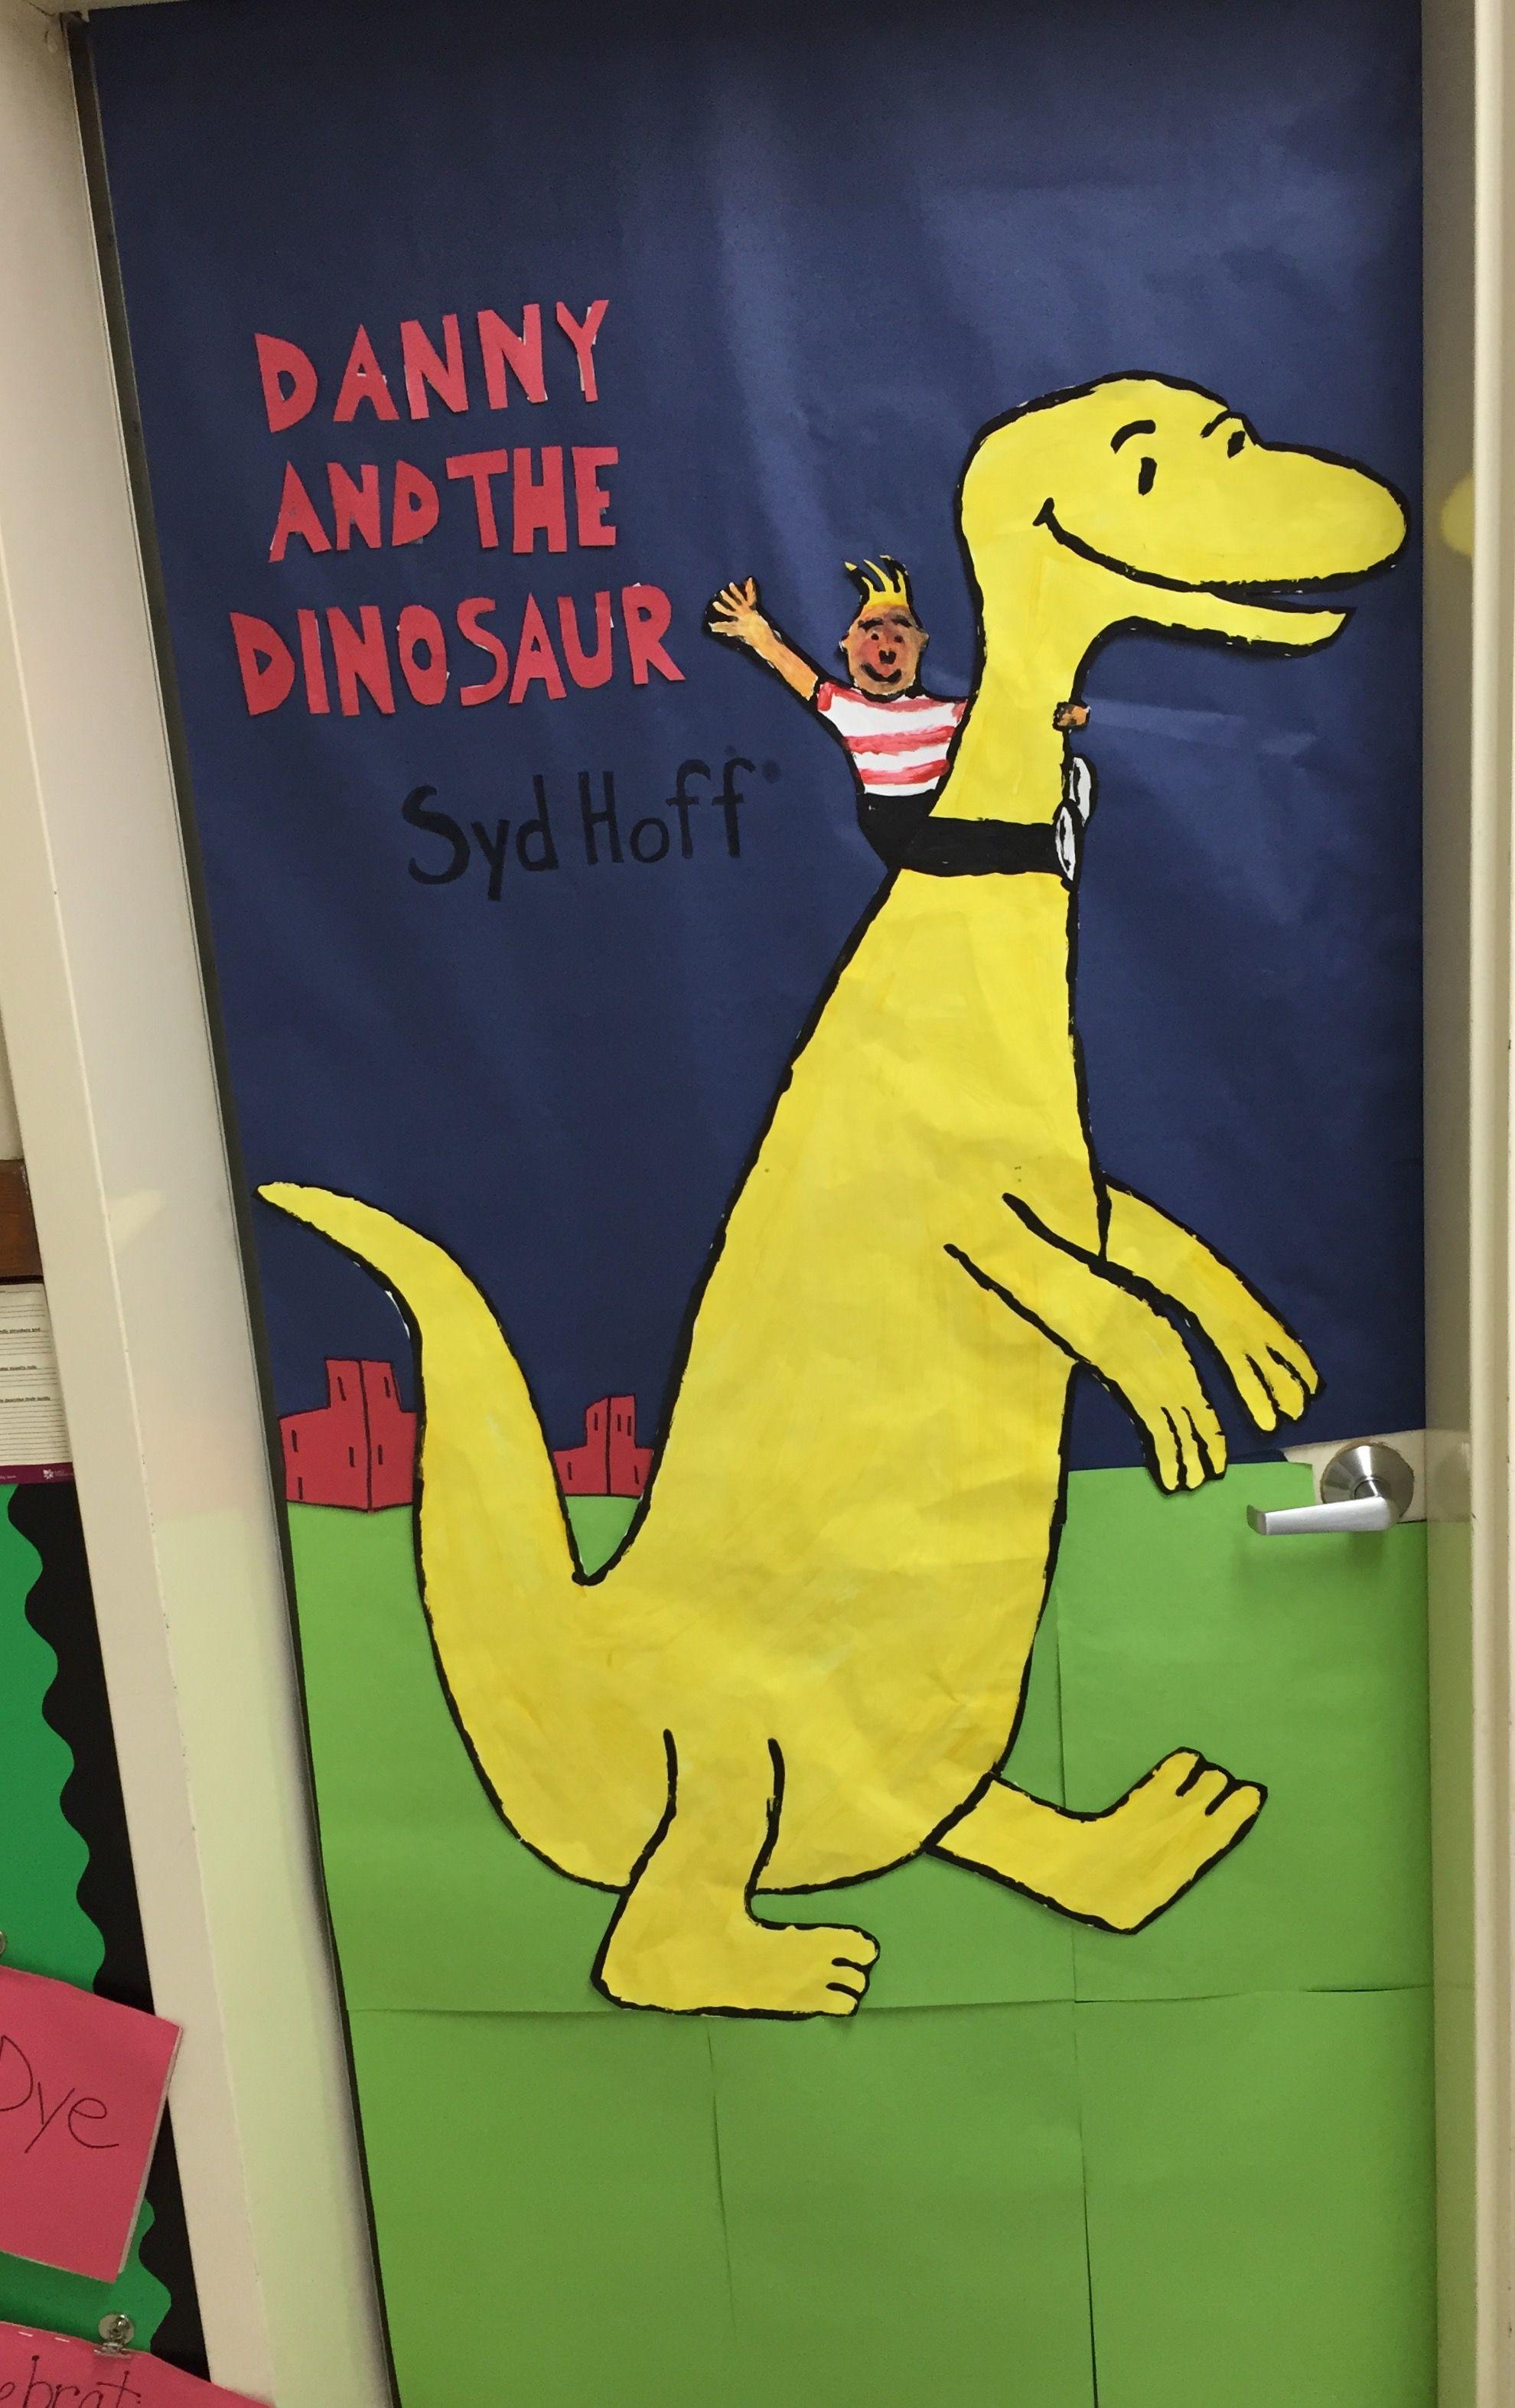 Danny and the dinosaur door design.